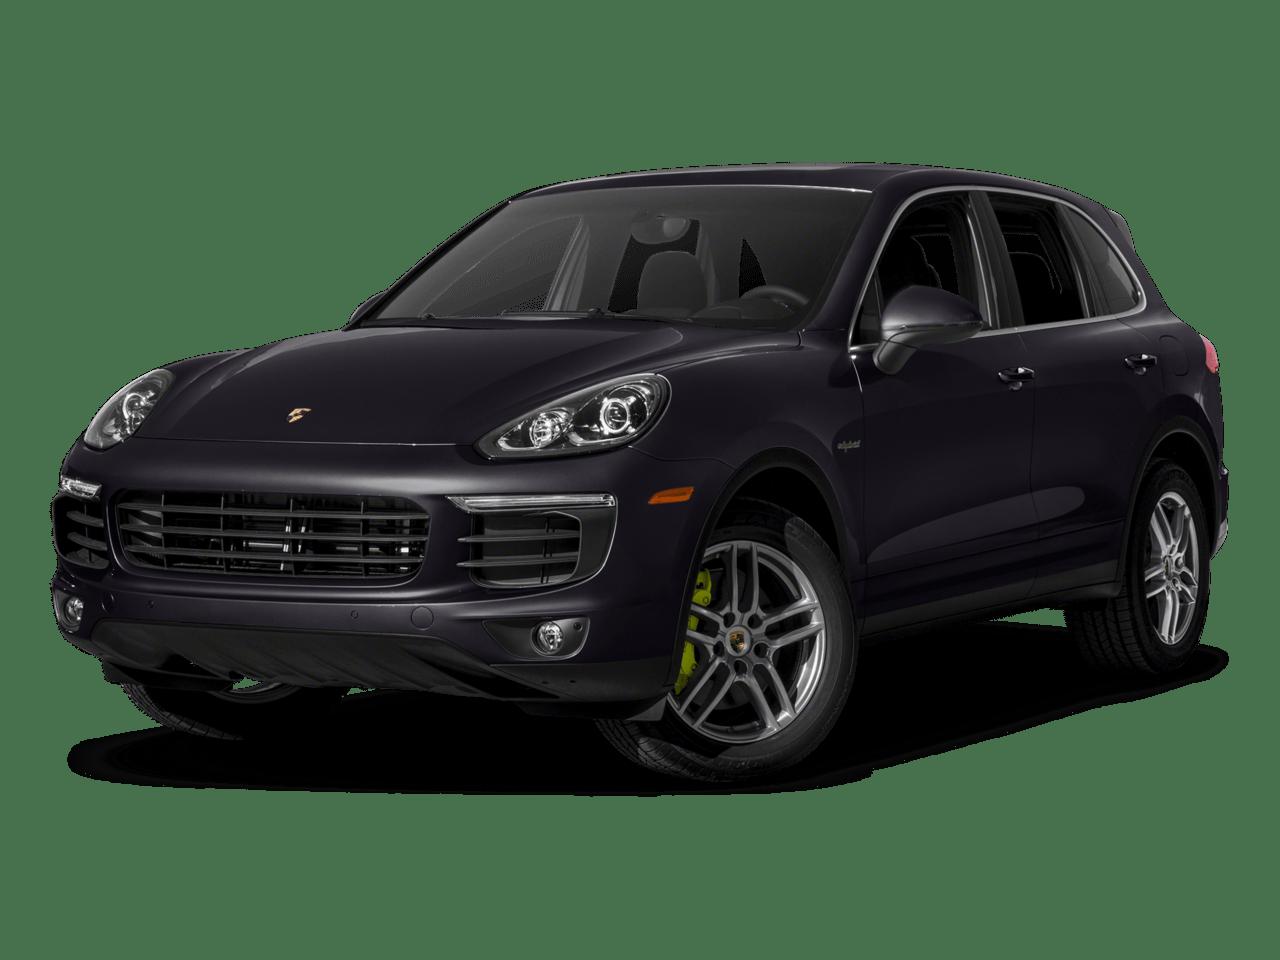 Purpurite Metallic - 2018 Porsche Cayenne Hybrid